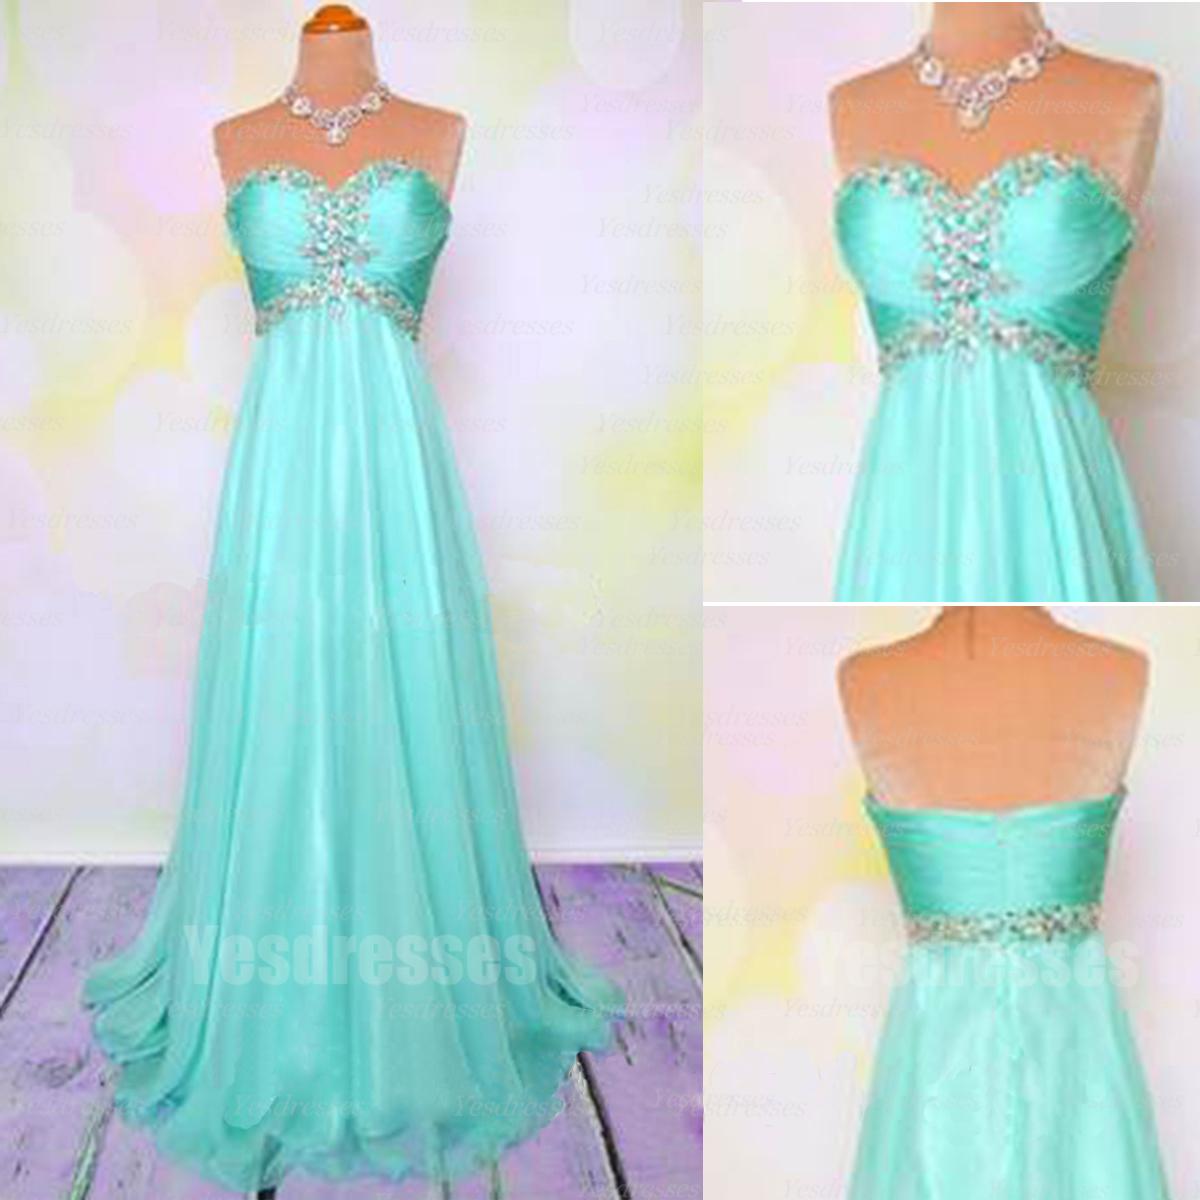 a5f5c24b2de750 Stunning Prom Dresses Tumblr